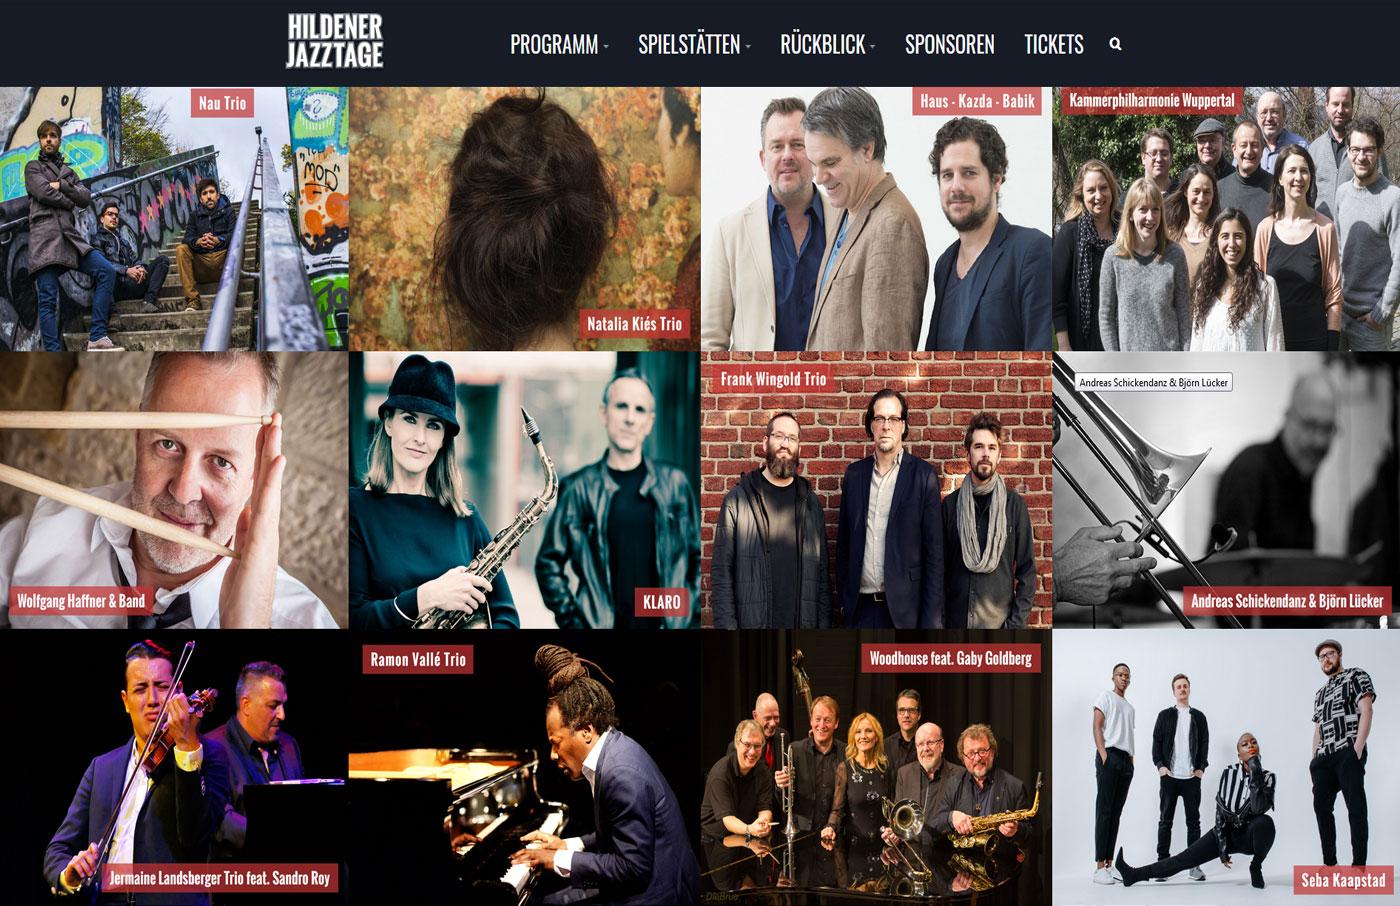 webseite-jazzfestival.jpg